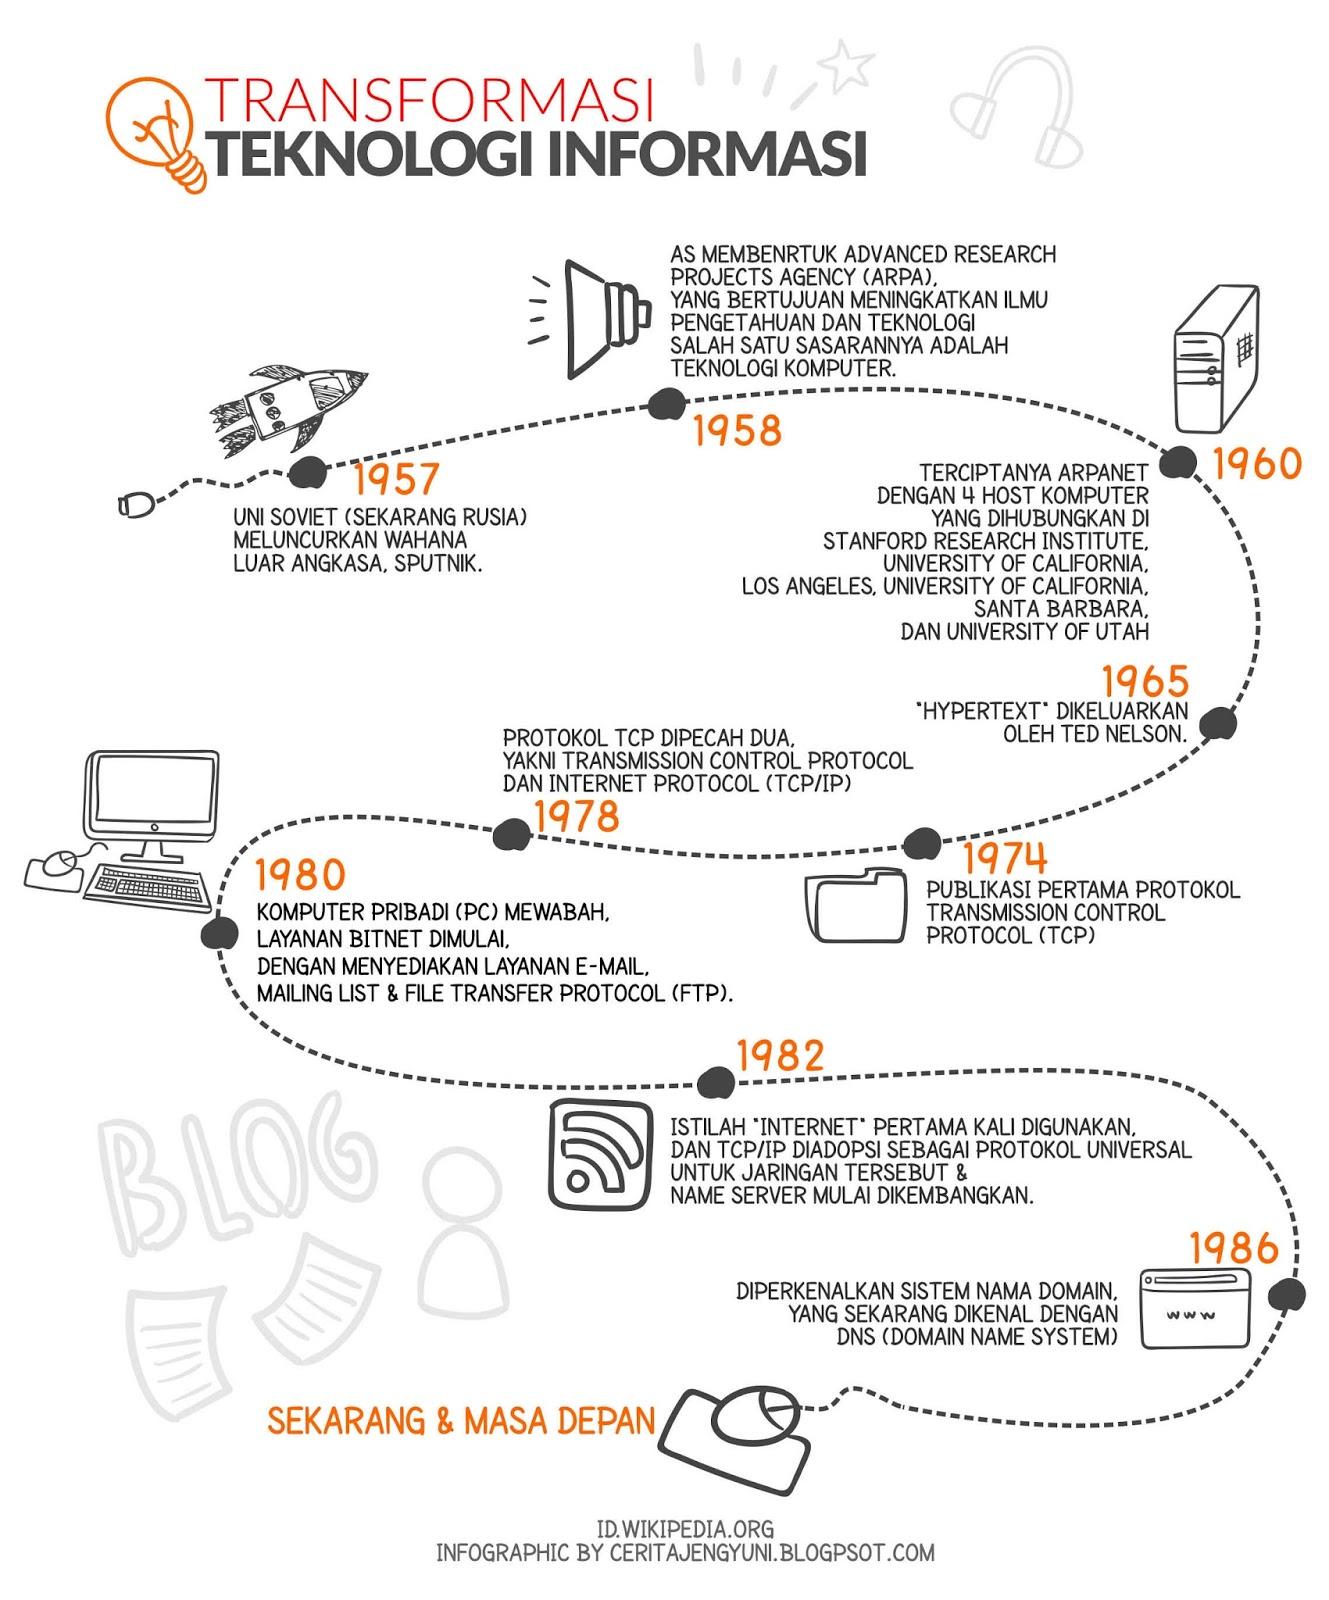 Transformasi Teknologi Informasi